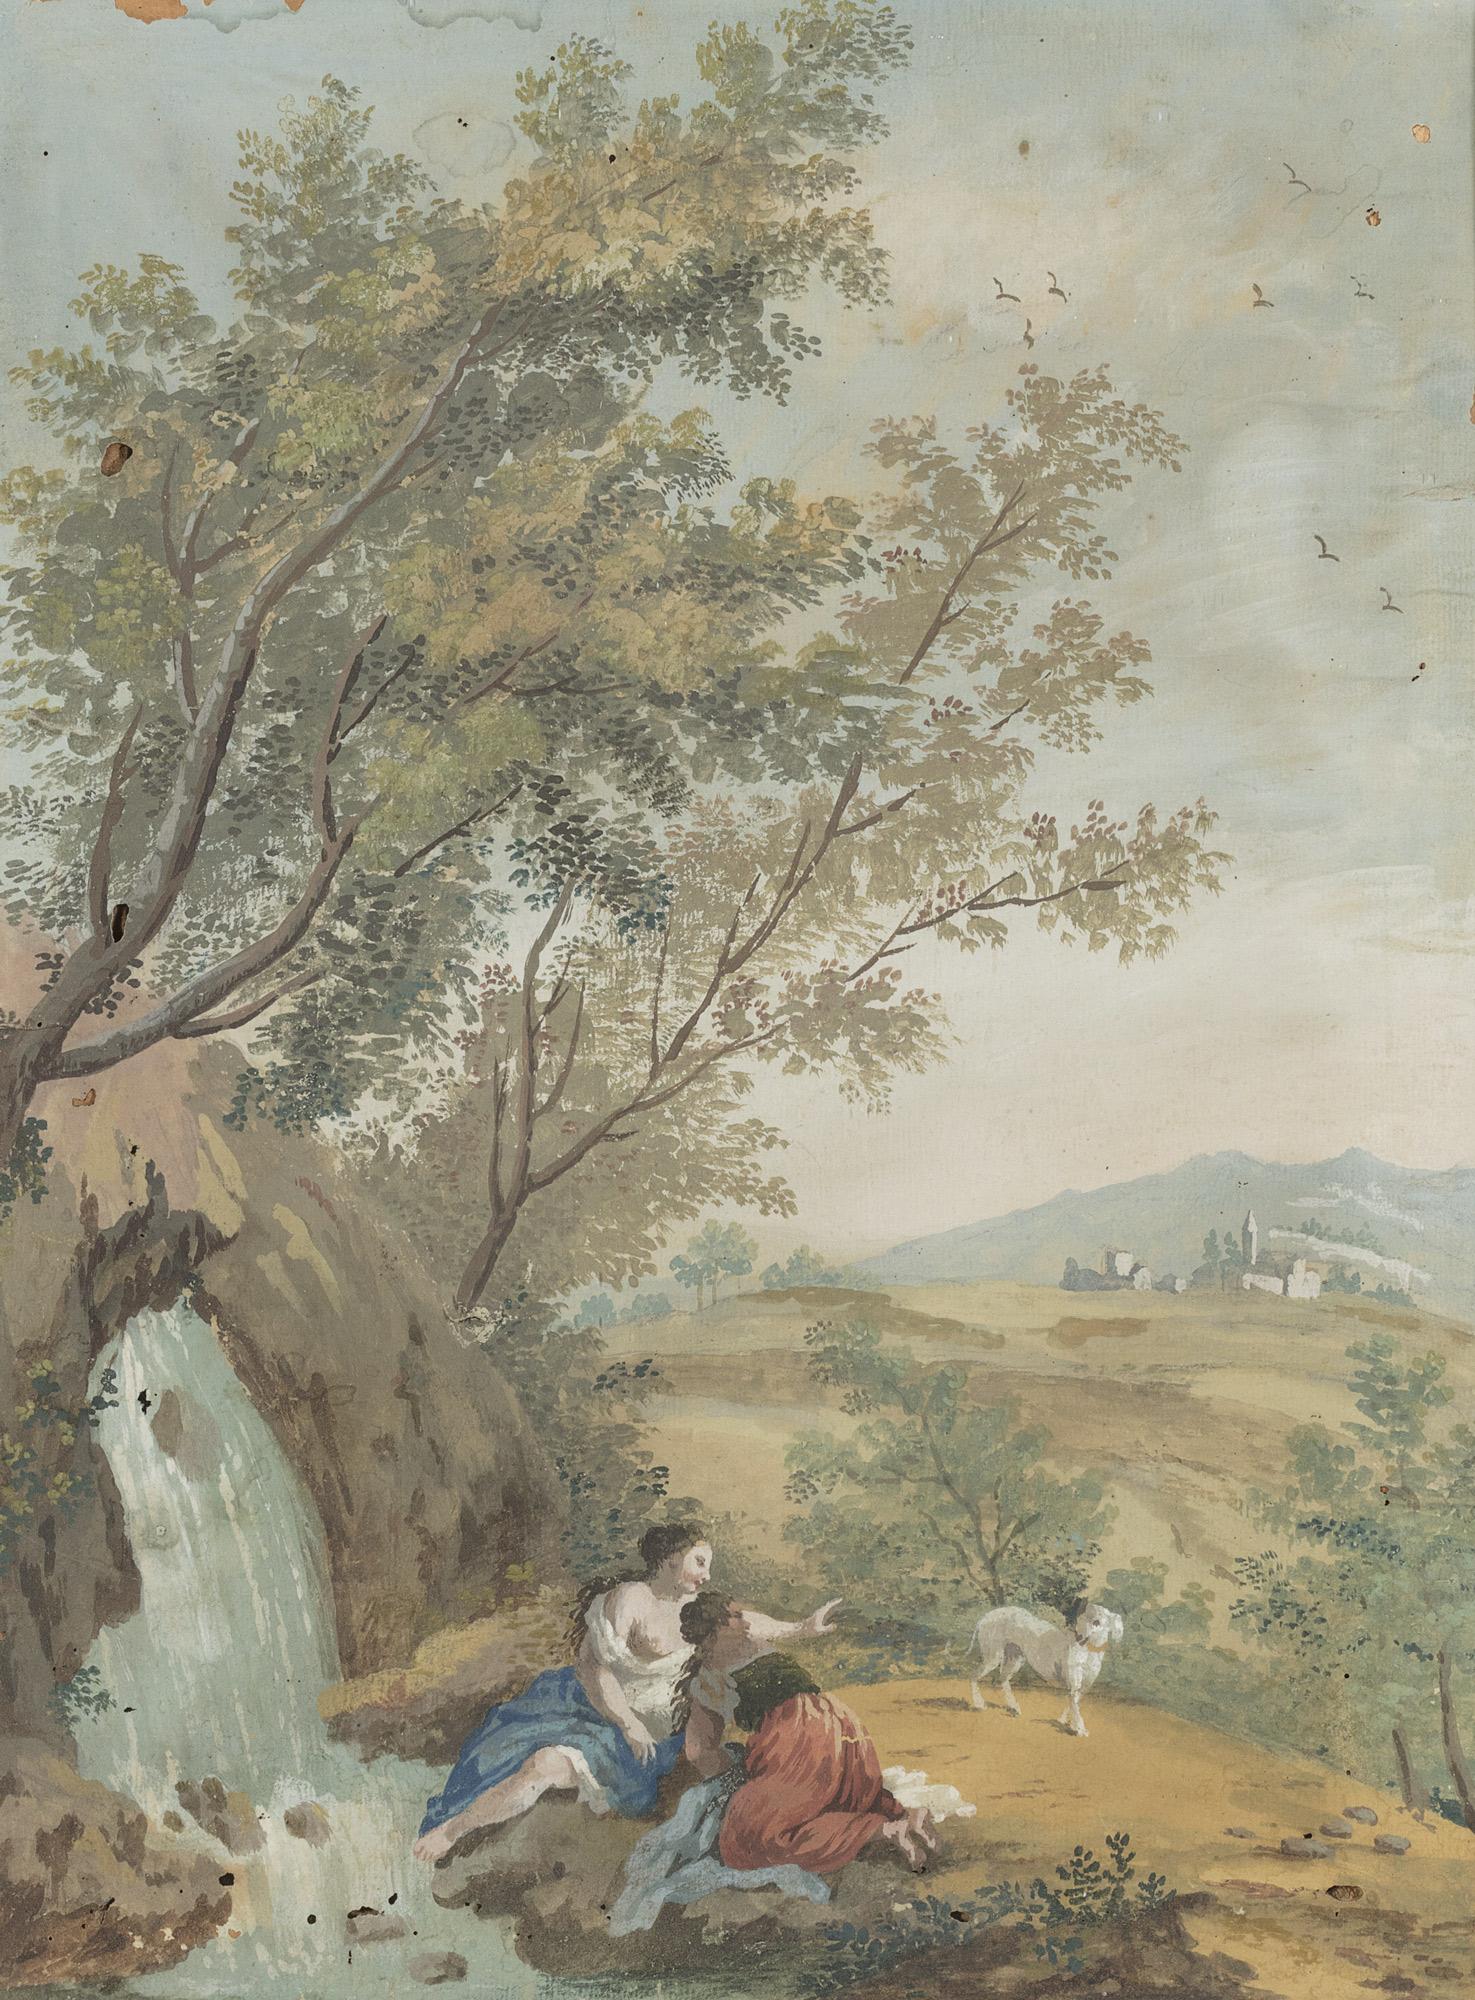 Paesaggio arcadico con lavandaie presso una cascatella